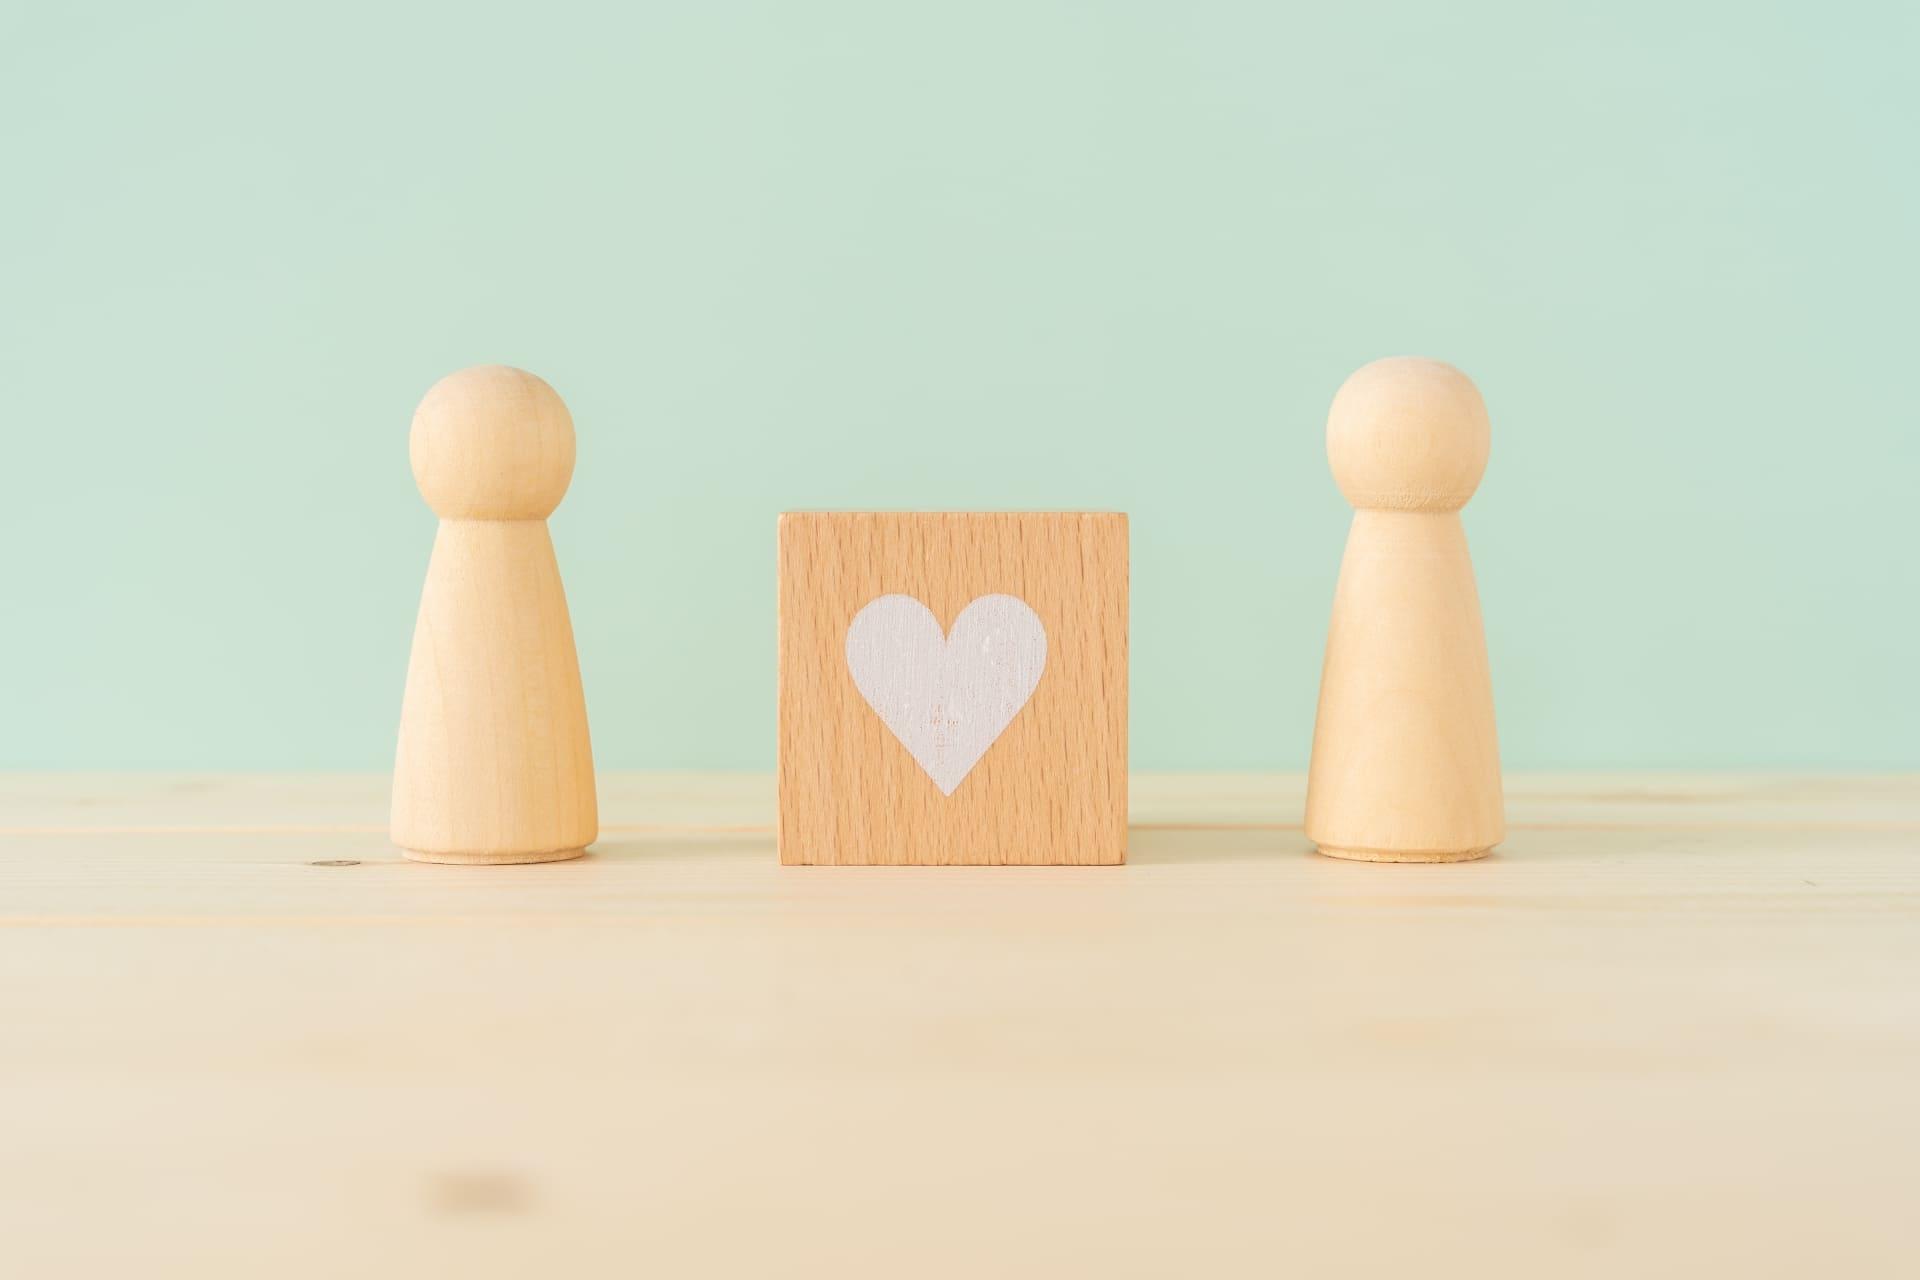 相性占い|2人の全相性-恋愛・結婚・カラダ相性は…全て解明【無料占い】